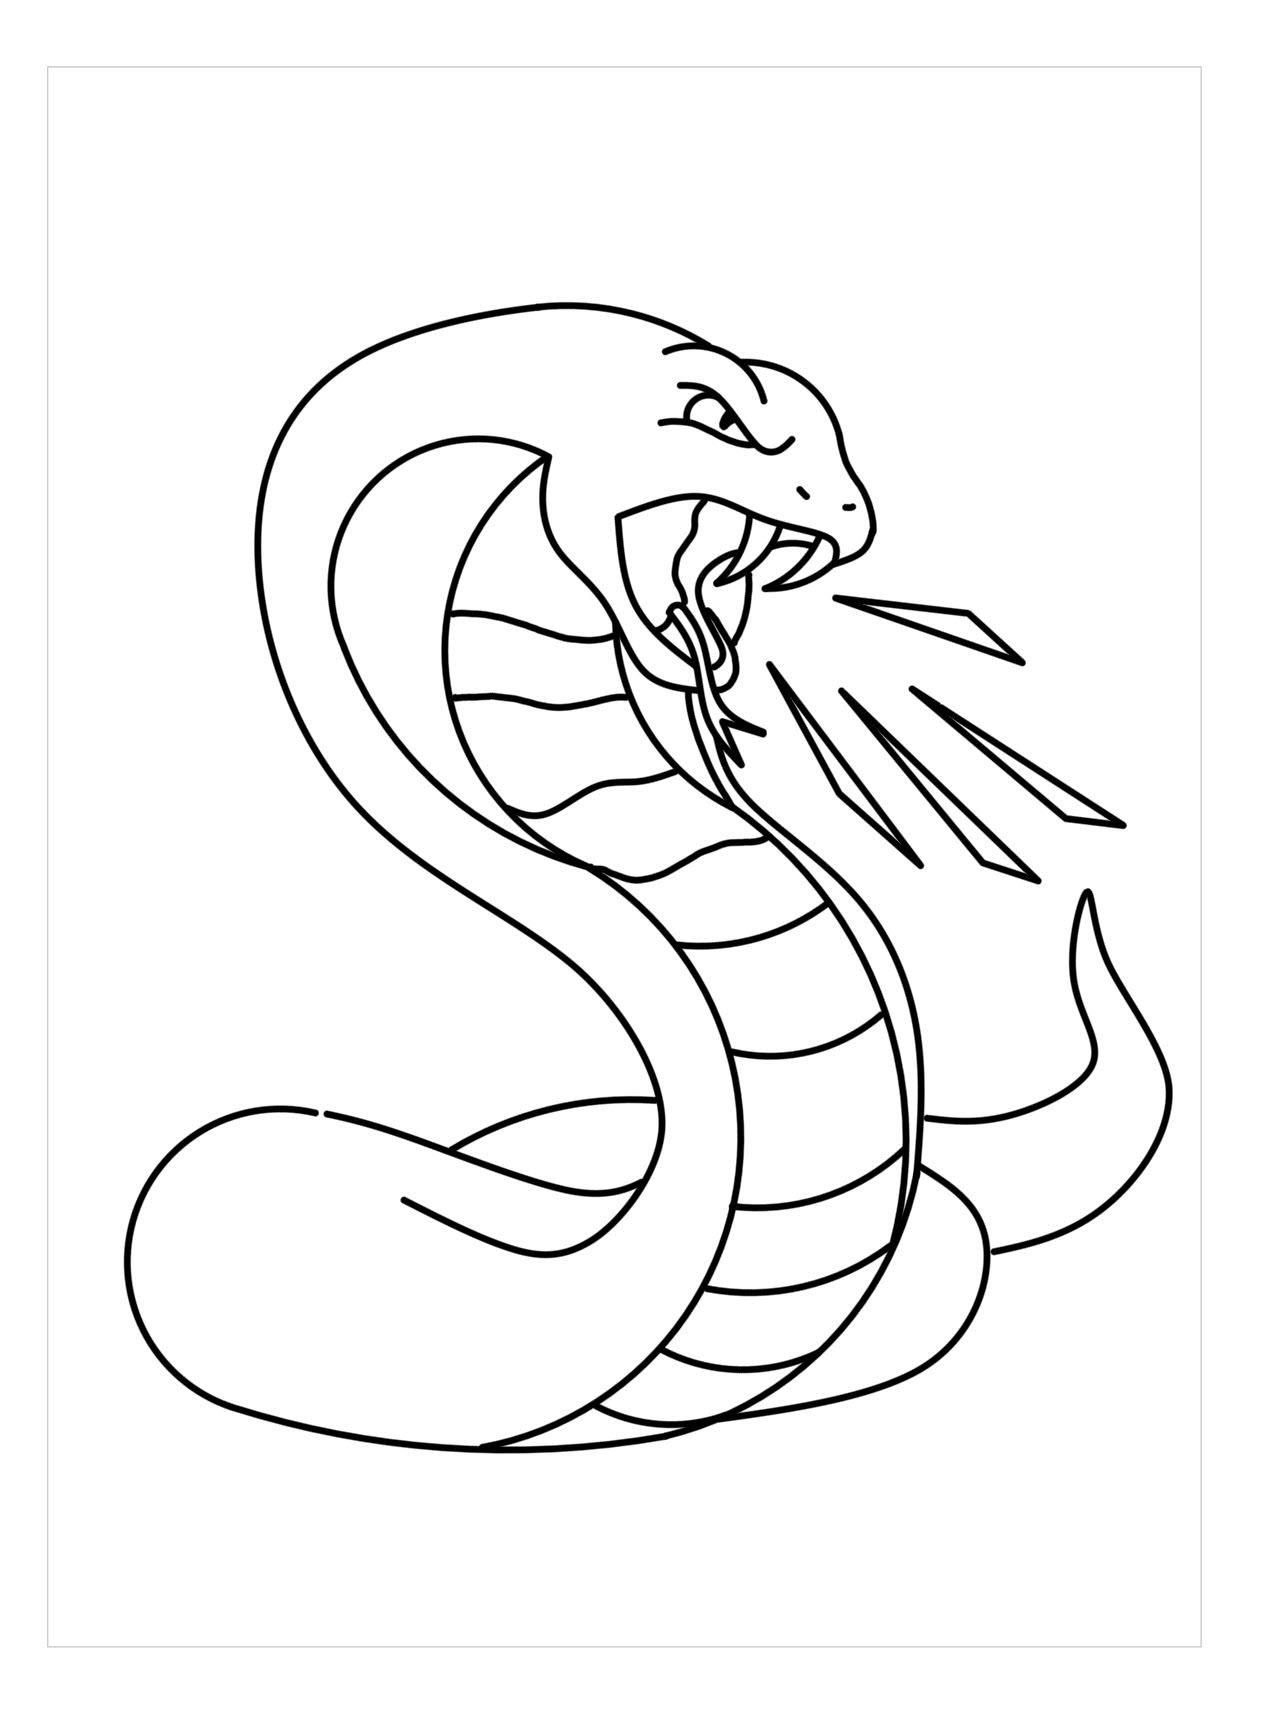 Tranh tô màu con rắn tức giận